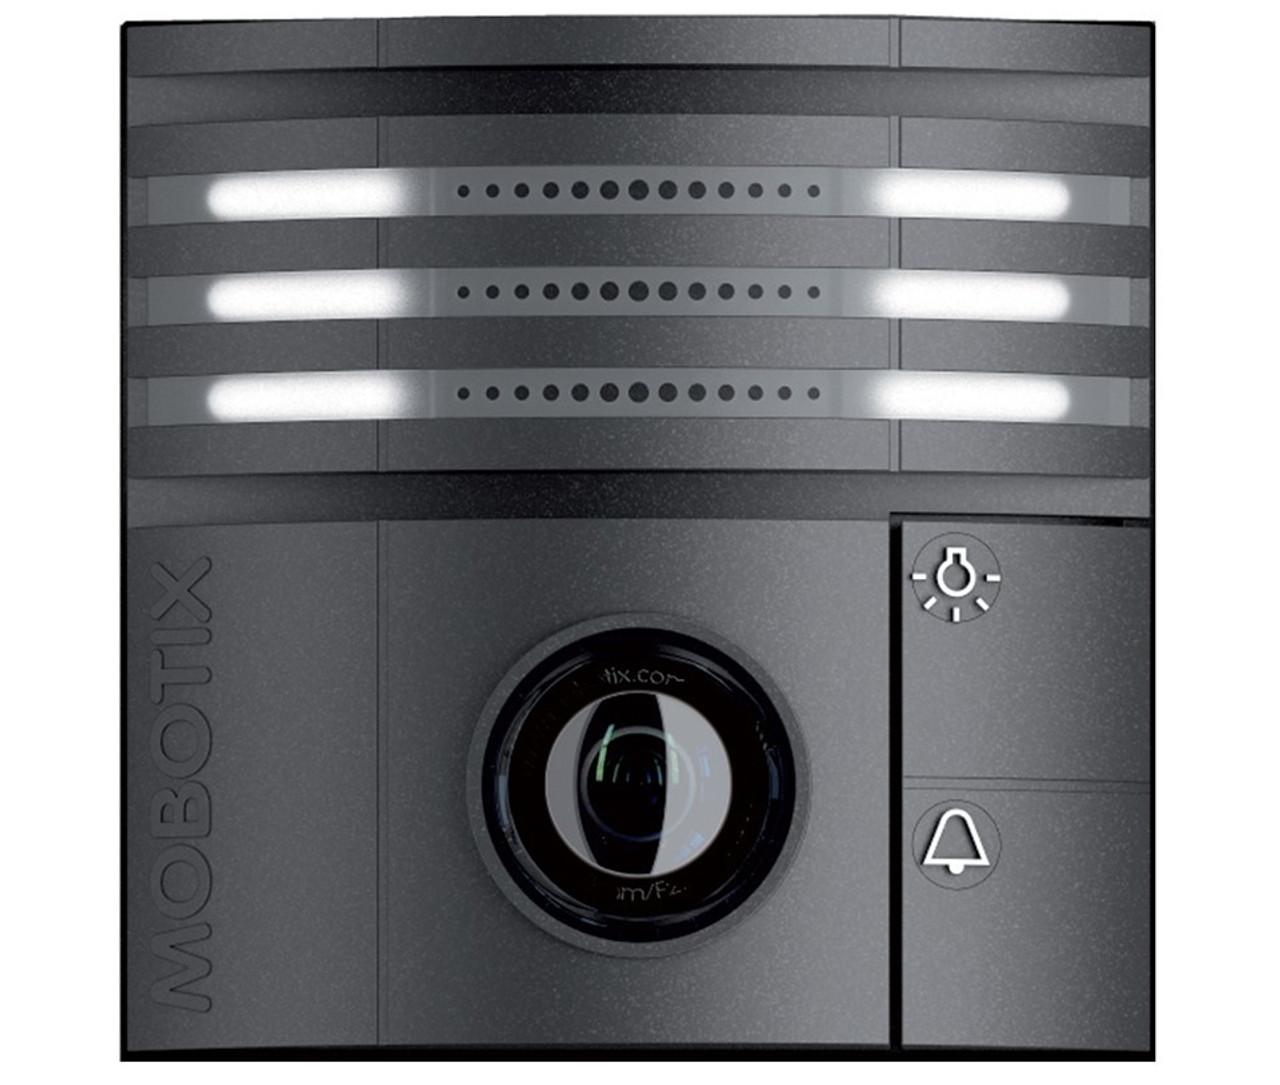 Mobotix MX-T25-D016-B 6MP Indoor/Outdoor IP Video Door Station - 1 6mm  Fixed Lens, Day, vPTZ, Speaker and Microphone, Weatherproof, Black